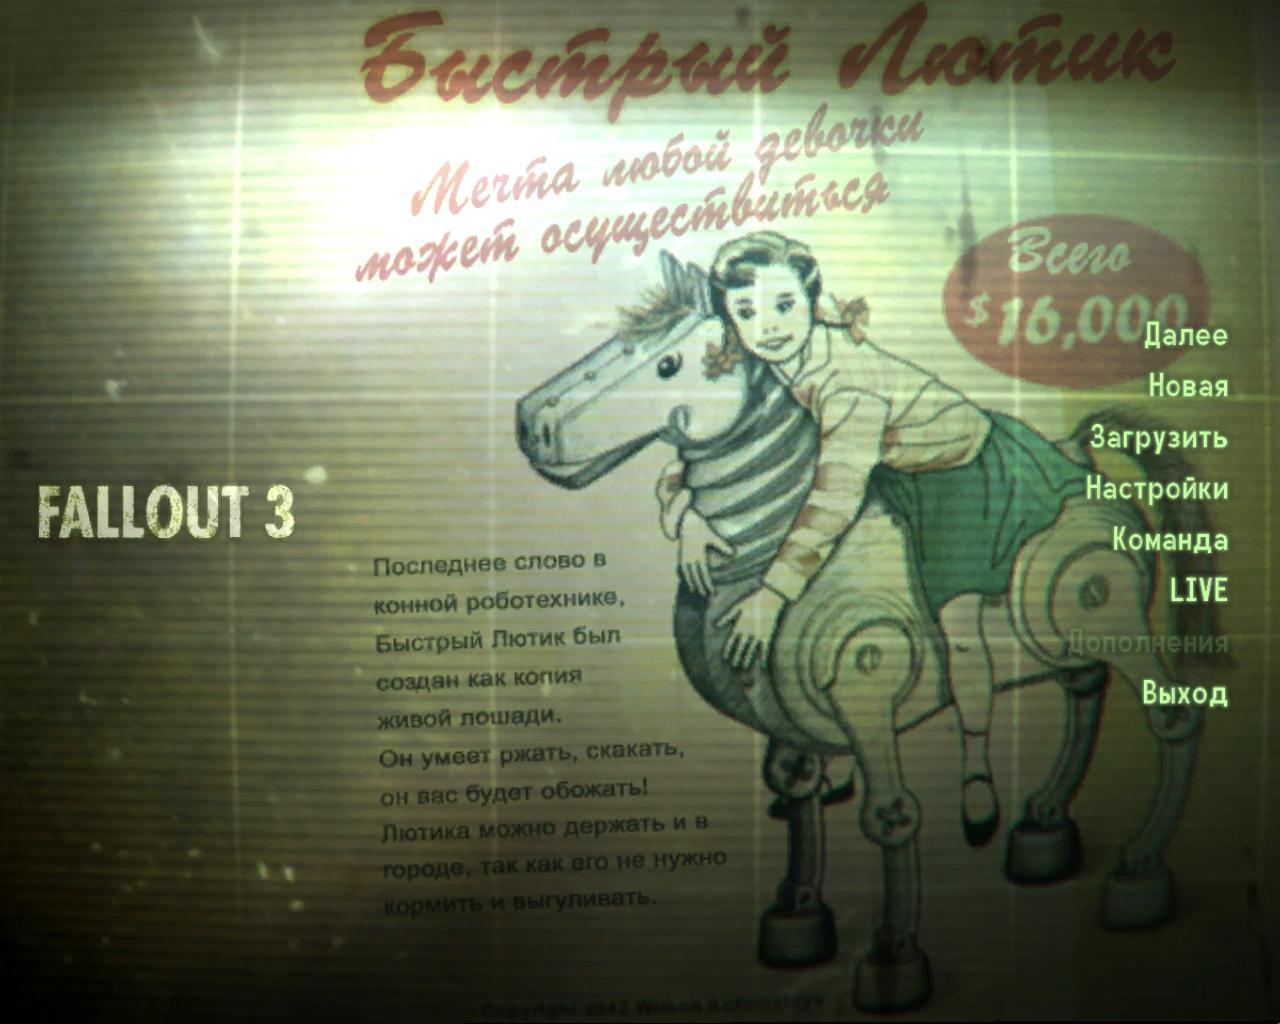 Fallout 3 скачать торрент на русском механики.